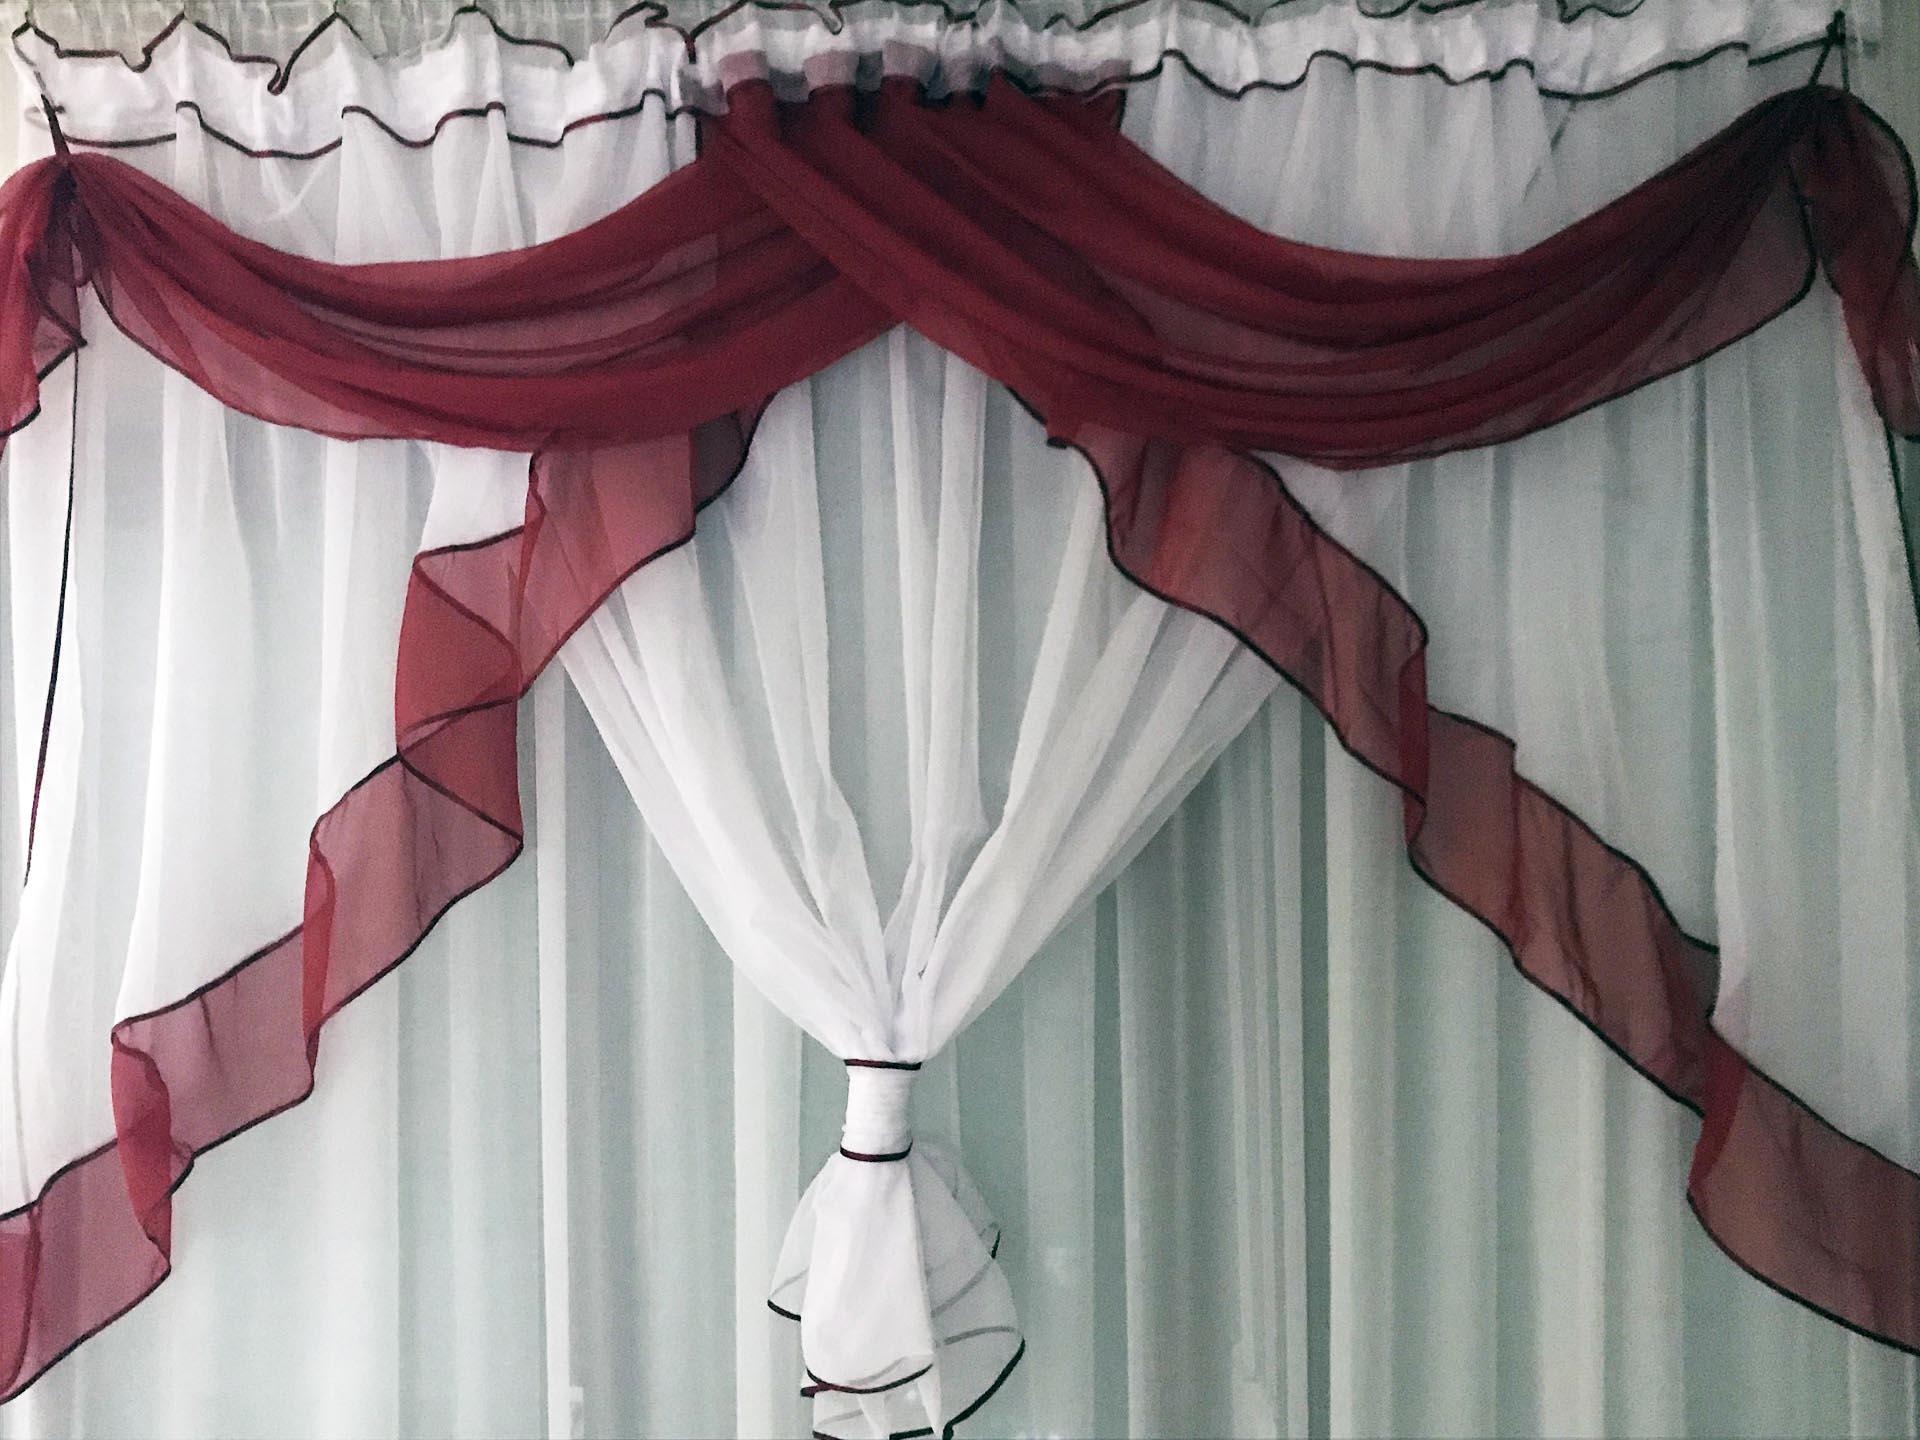 Drapériás függöny - Függöny Webáruház és lakástextil - Flóra f1d4ae9f8a